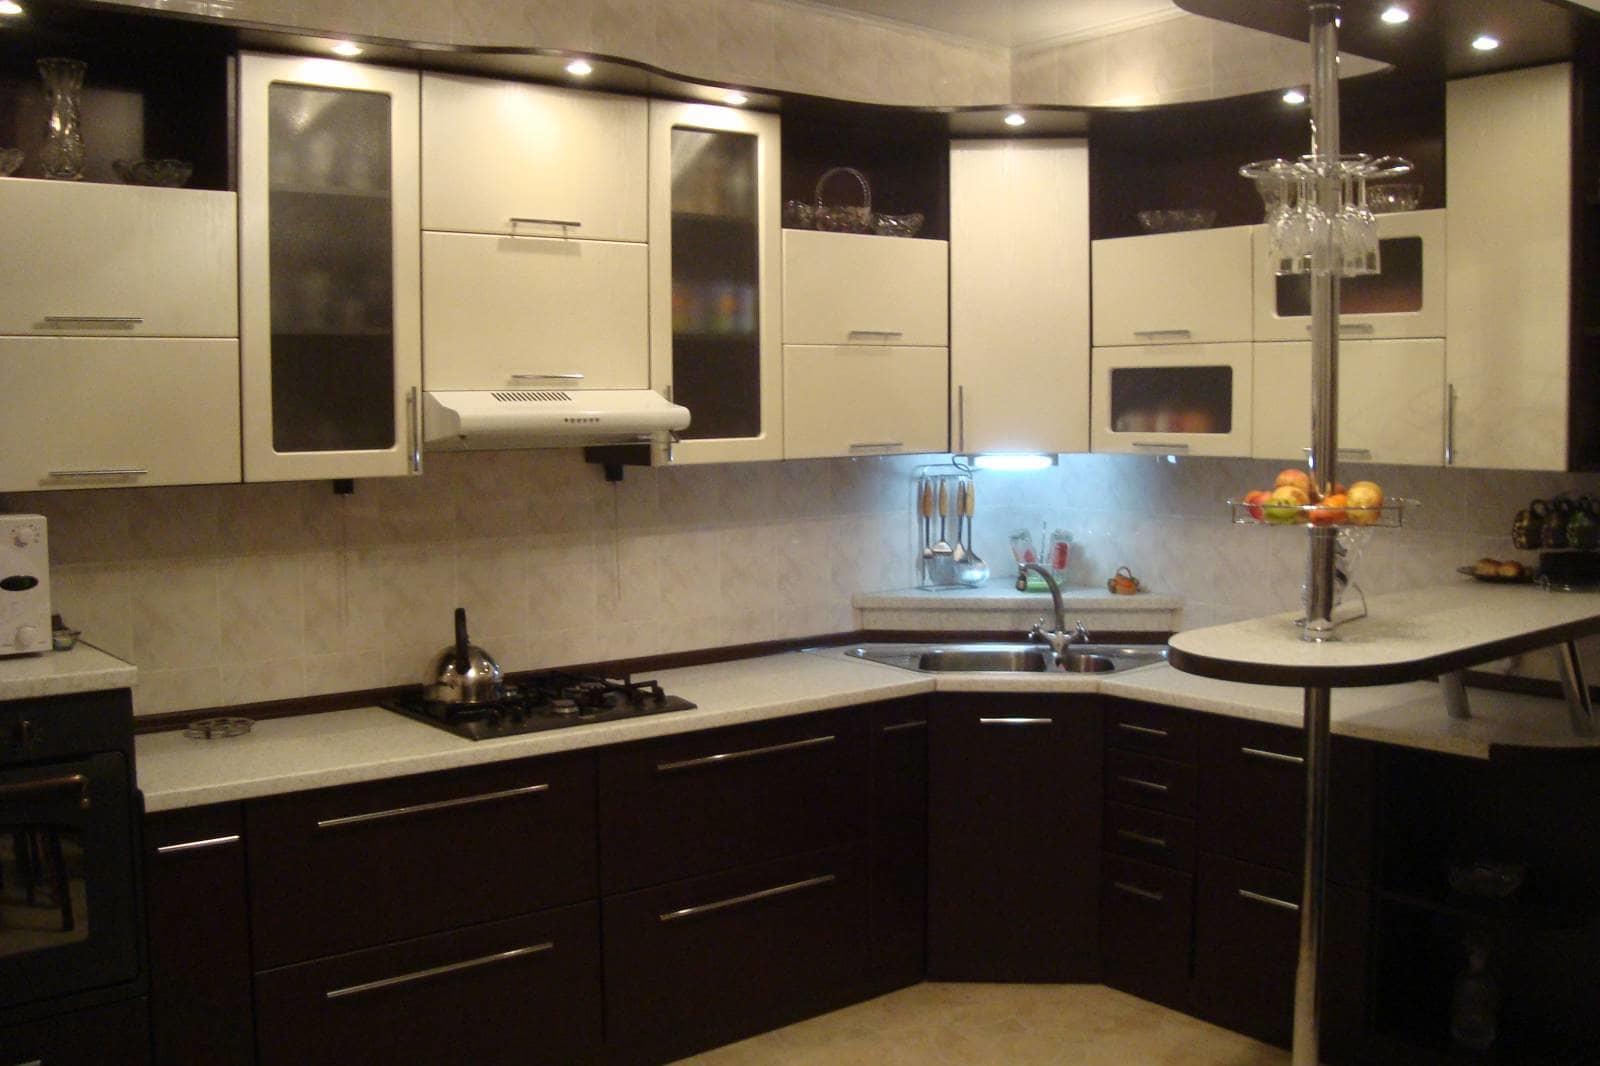 Идеальный вариант планировки мебели позволит вам максимально задействовать свободное угловое пространство, превращая его в удобное место для хранения различных кухонных принадлежностей